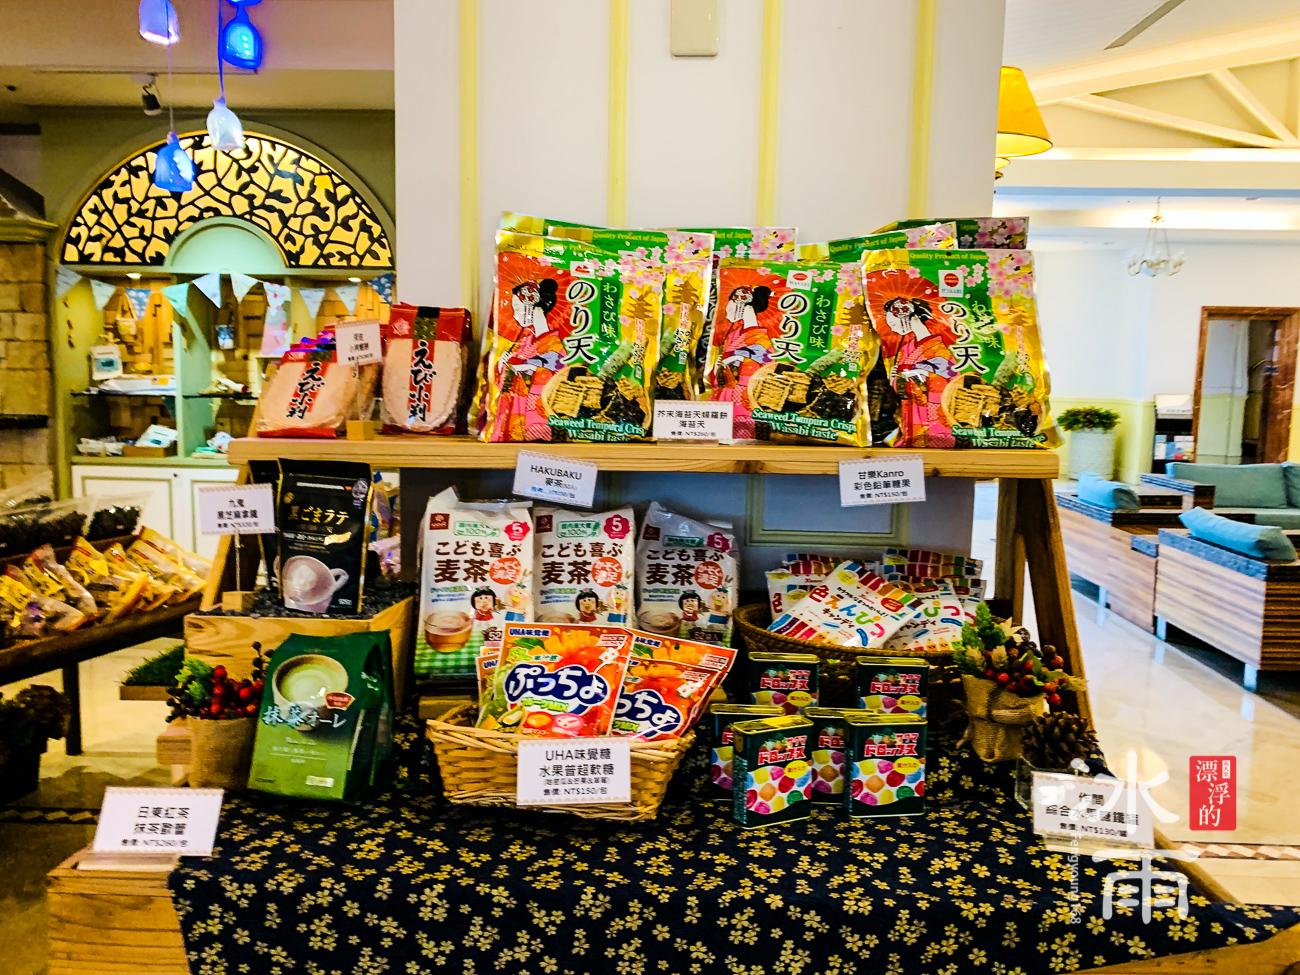 陽明山天籟溫泉會館|販賣區物品